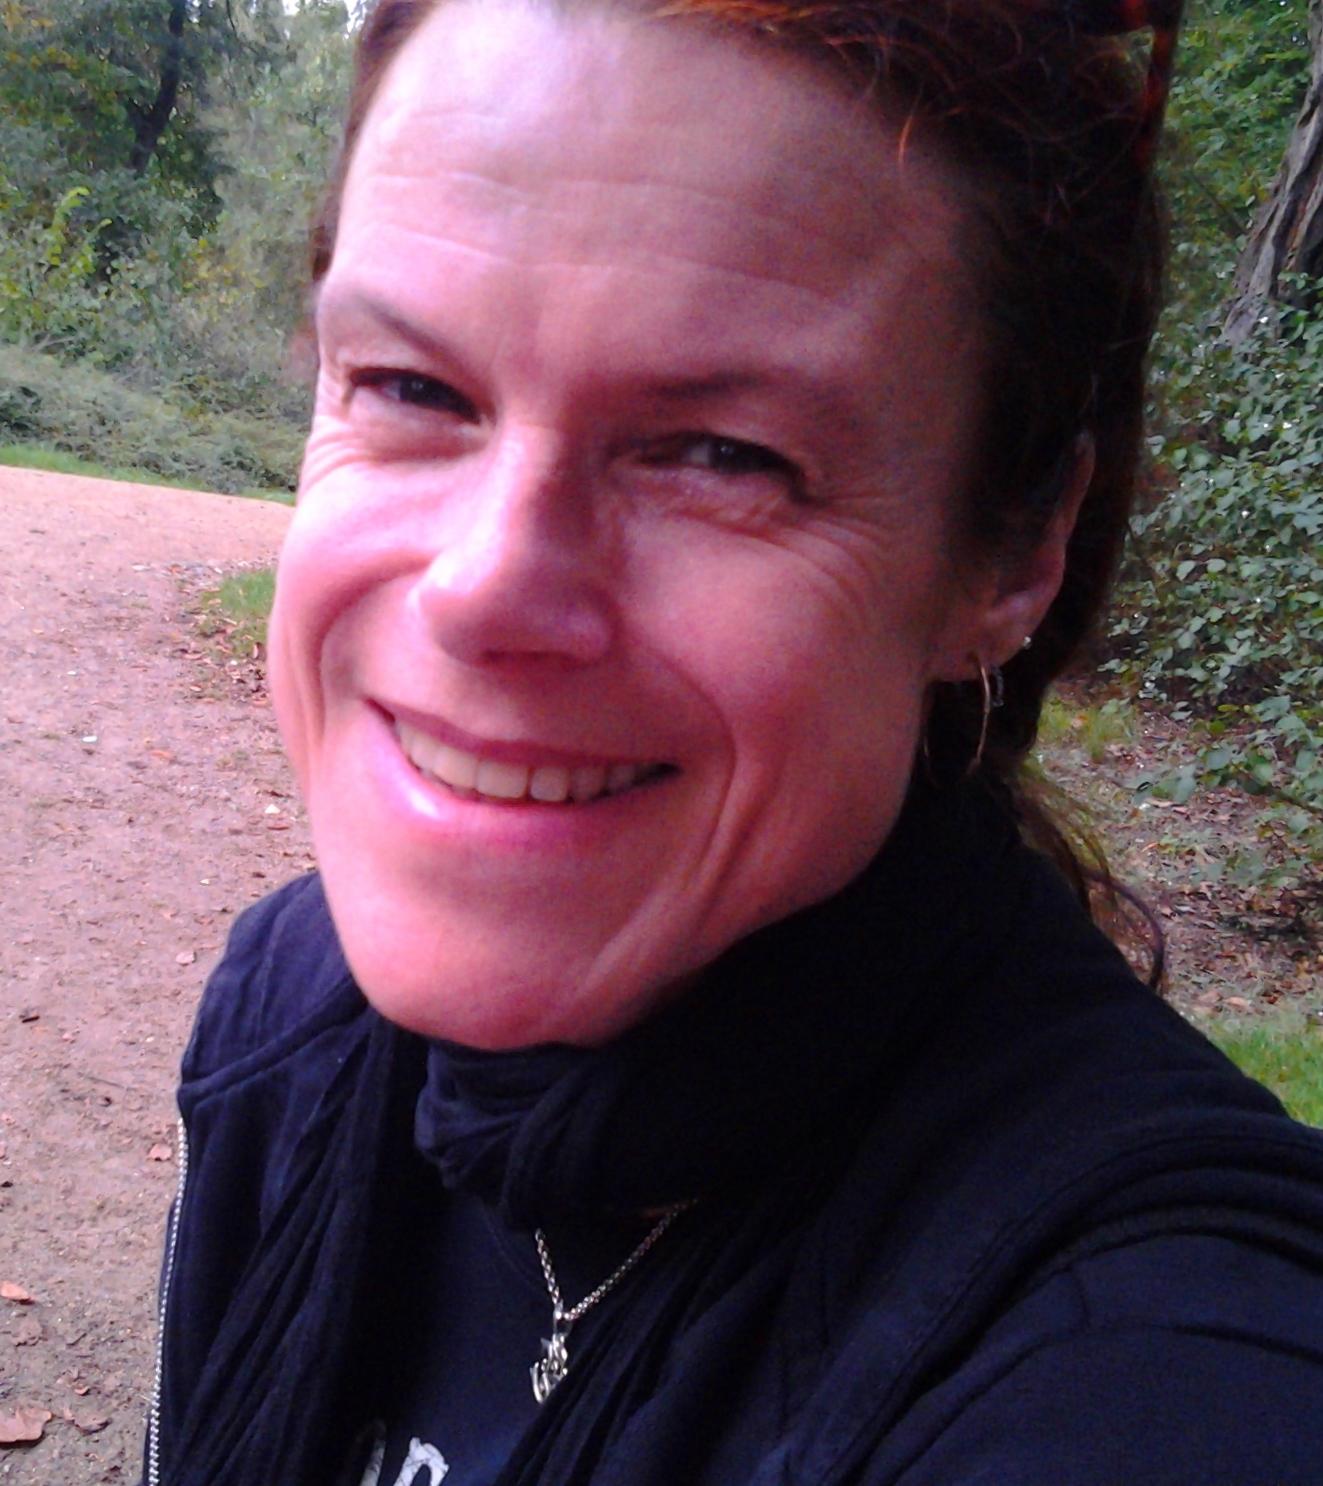 Ute Herrmann berichtet ihre Erfahrungen mit dem Cytolisa Test: Blähbauch, Blähungen und geschwollene Finger werden besser nach dem Cytolisa Test mit Ernährungsumstellung